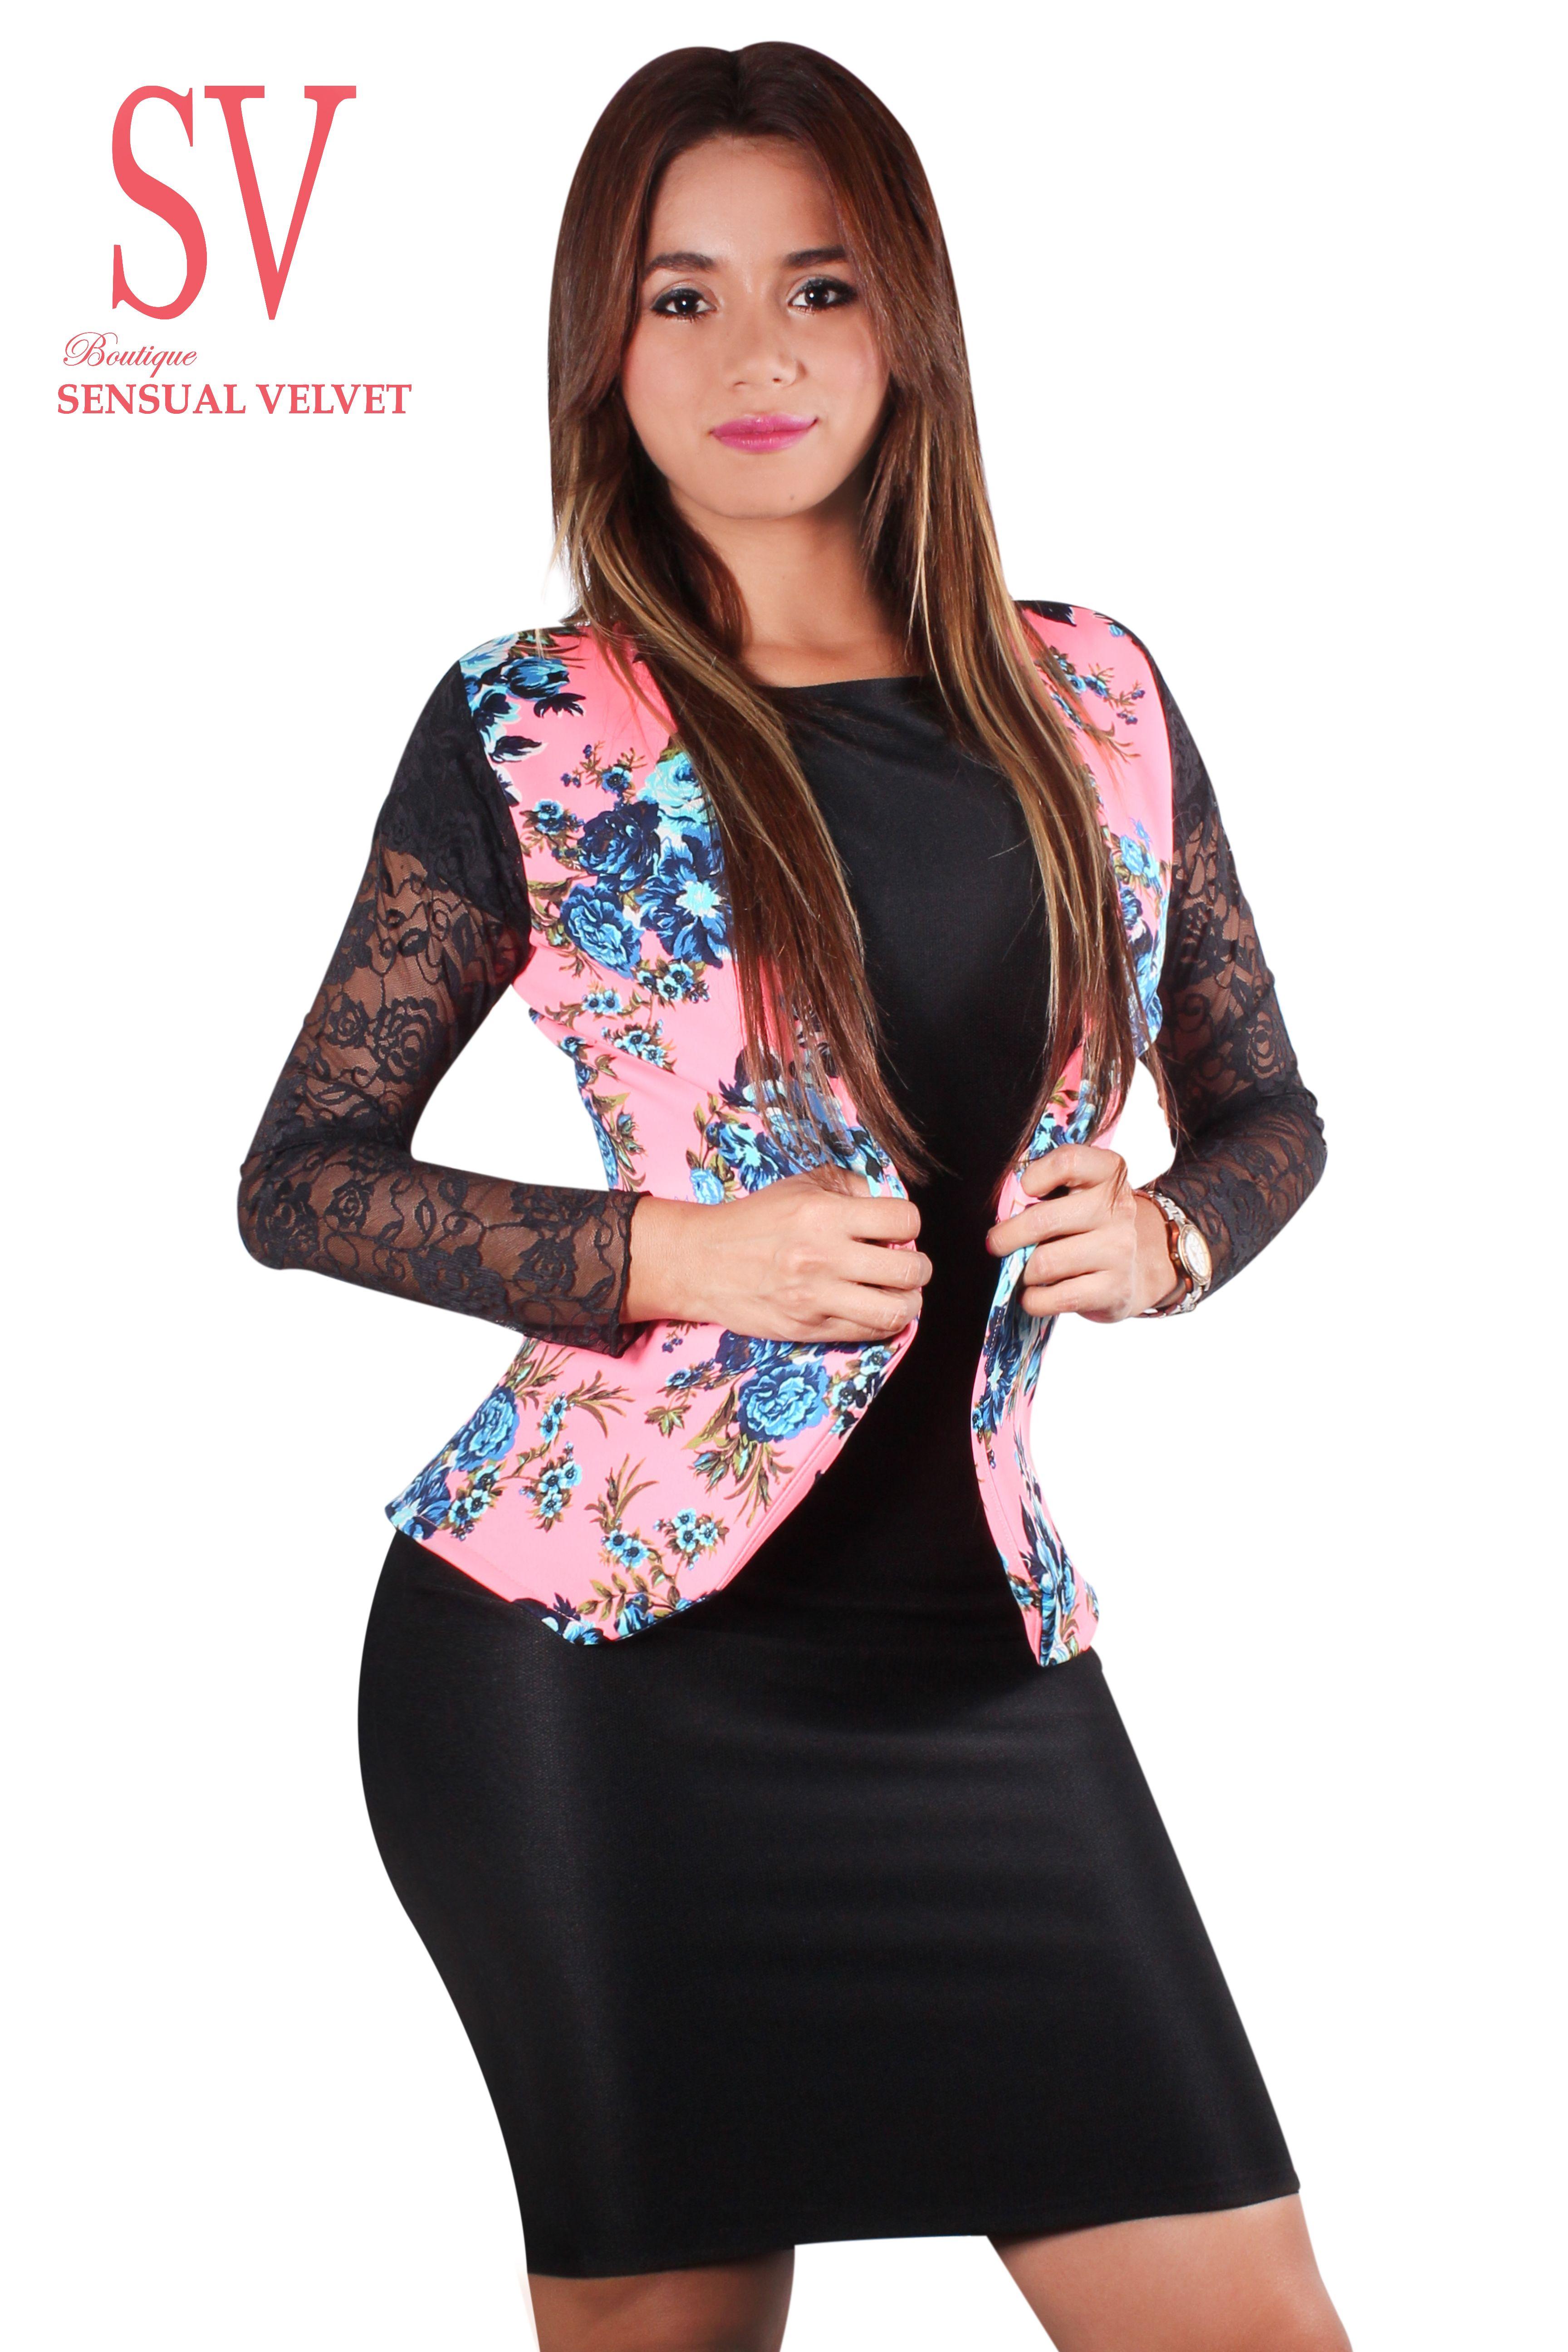 Chaqueta inspirada en la moda actual una magnifica combinación de estampados florales y randa  para dar un toque elegante y exclusivo a tu vestuario.  $ 35 http://sensualvelvet.com/2014/11/20/chaqueta-floreada-de-randa/